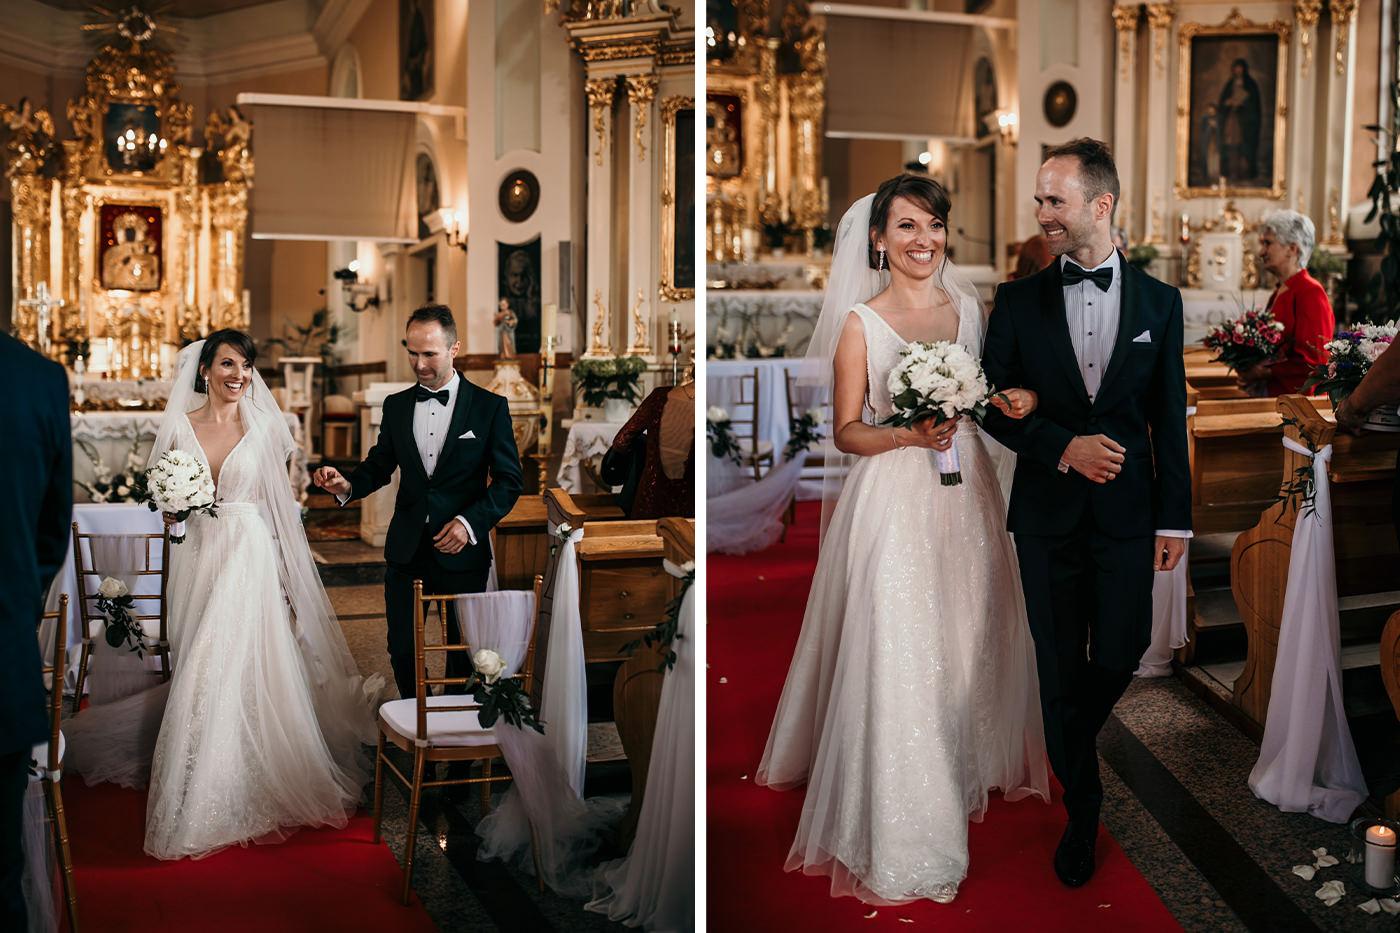 Rustykalne wesele - Magnoliowy Dwór 59